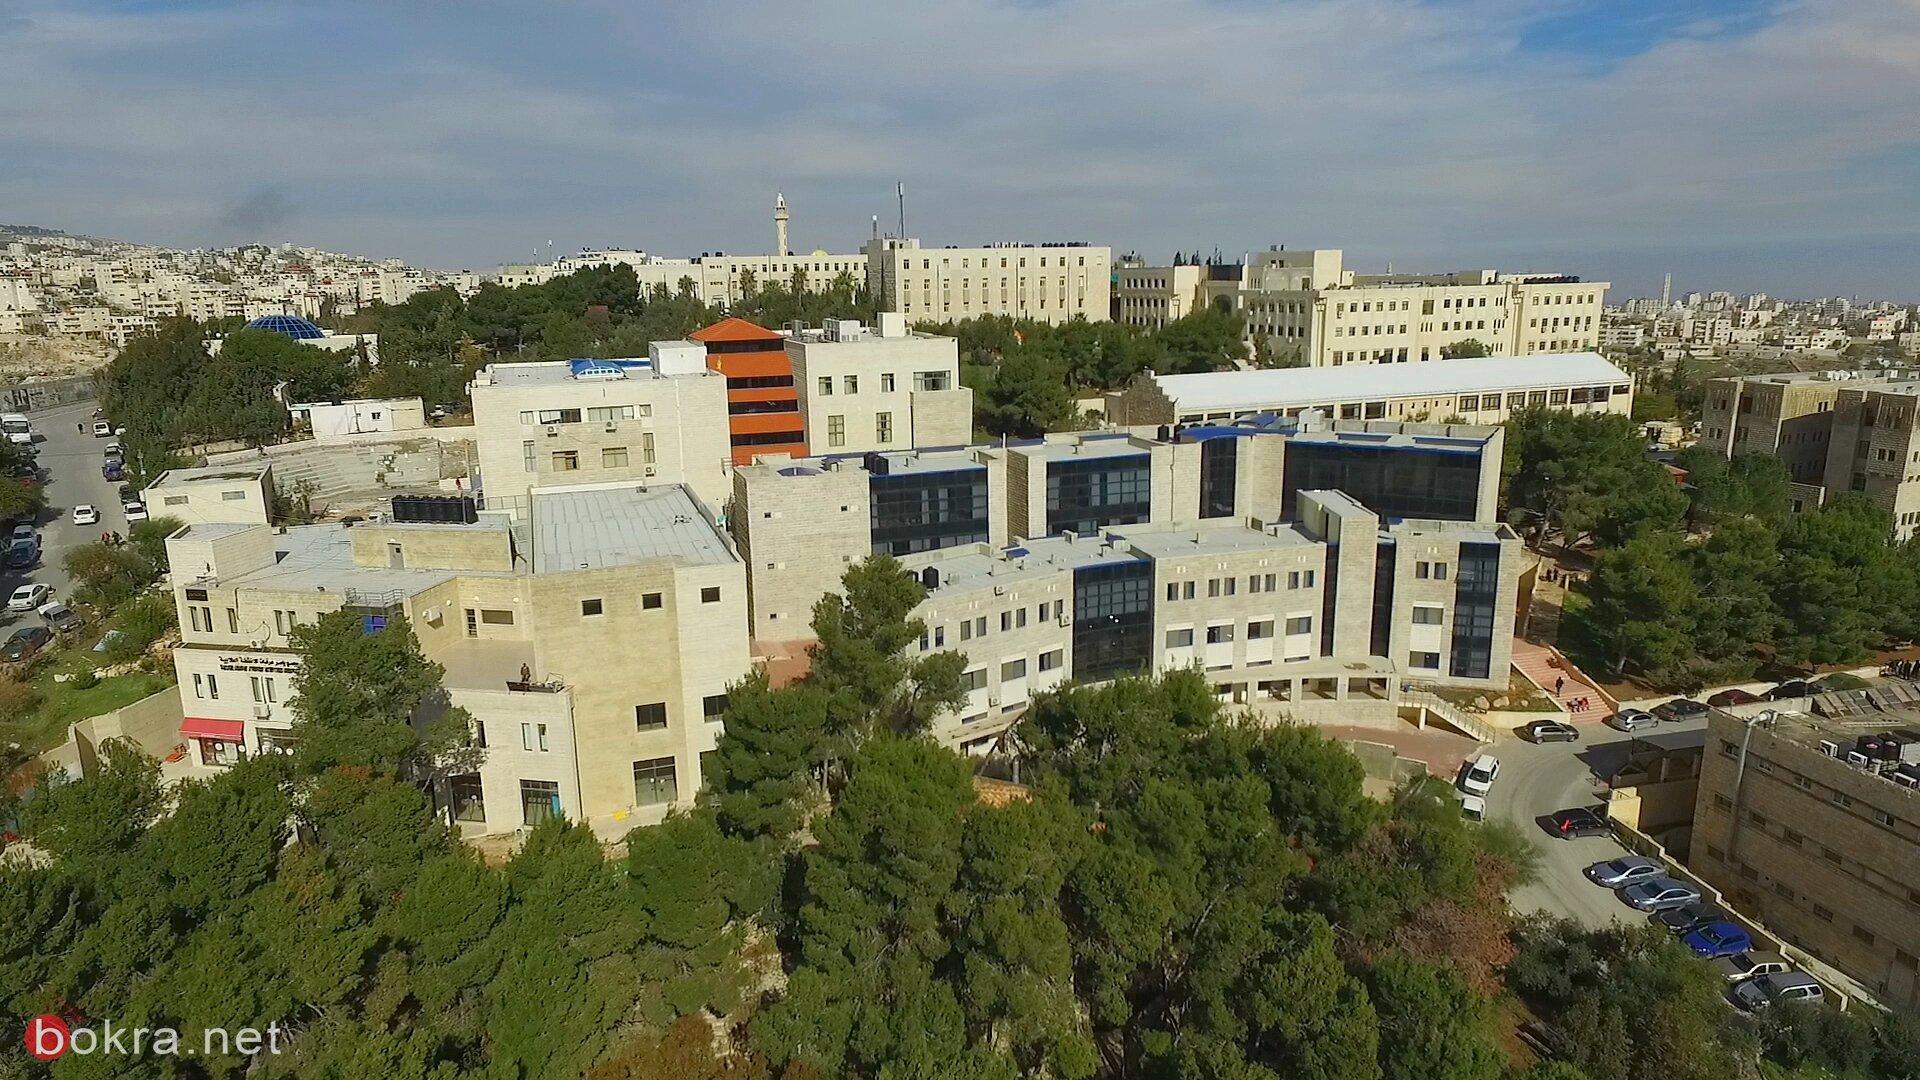 جامعة القدس الأولى فلسطينياً وفقاً لتصنيف QS العالمي للجامعات على عدة مؤشرات هامة